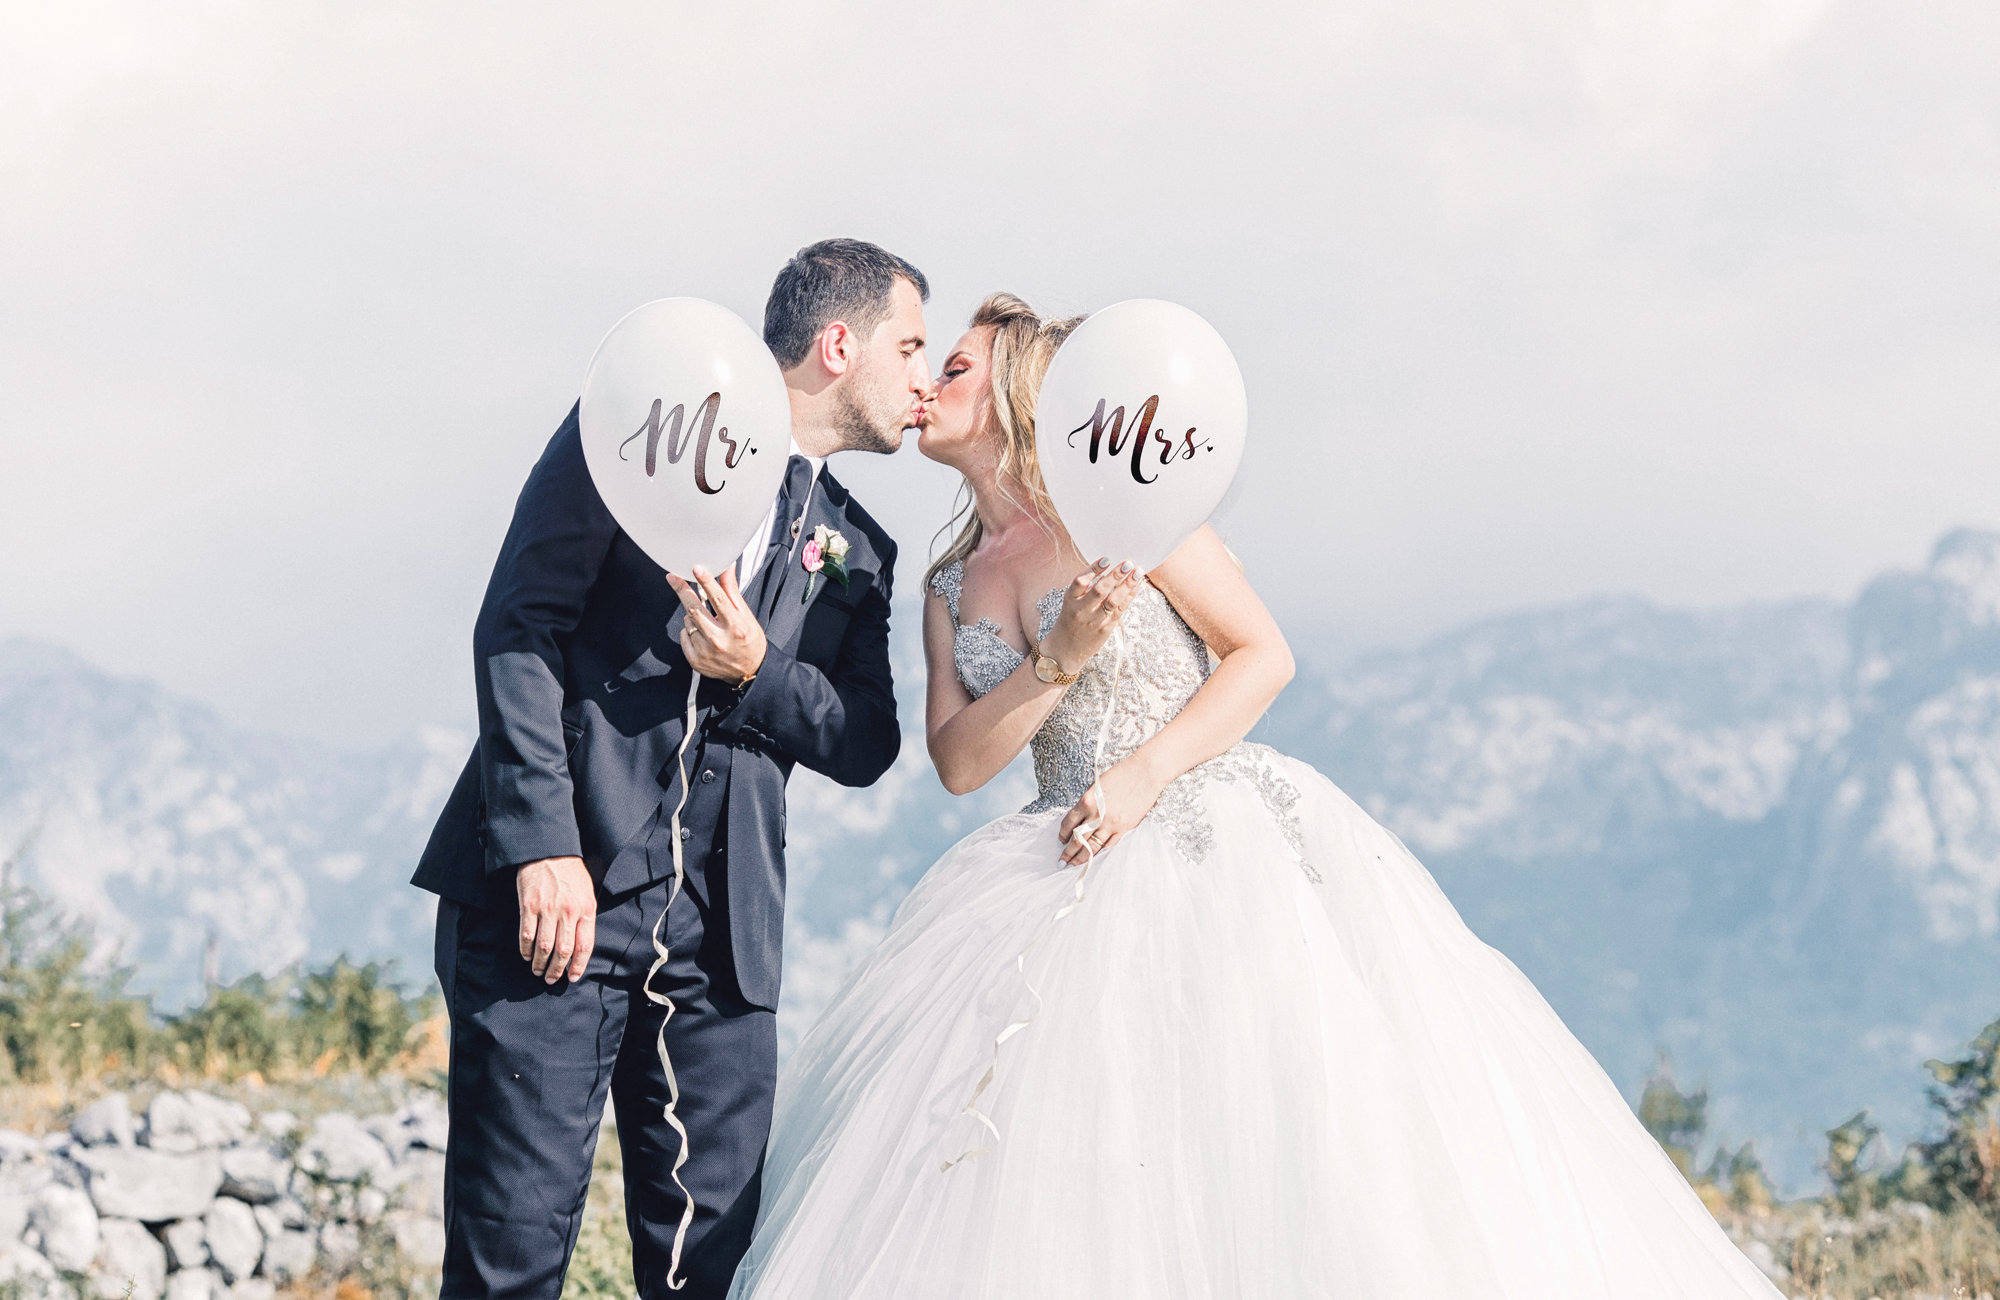 Brautpaar in den Bergen, Heiraten in den Bergen, Standesamtlich Heiraten in den Bergen, Almhochzeit, Hochzeit in den Bergen